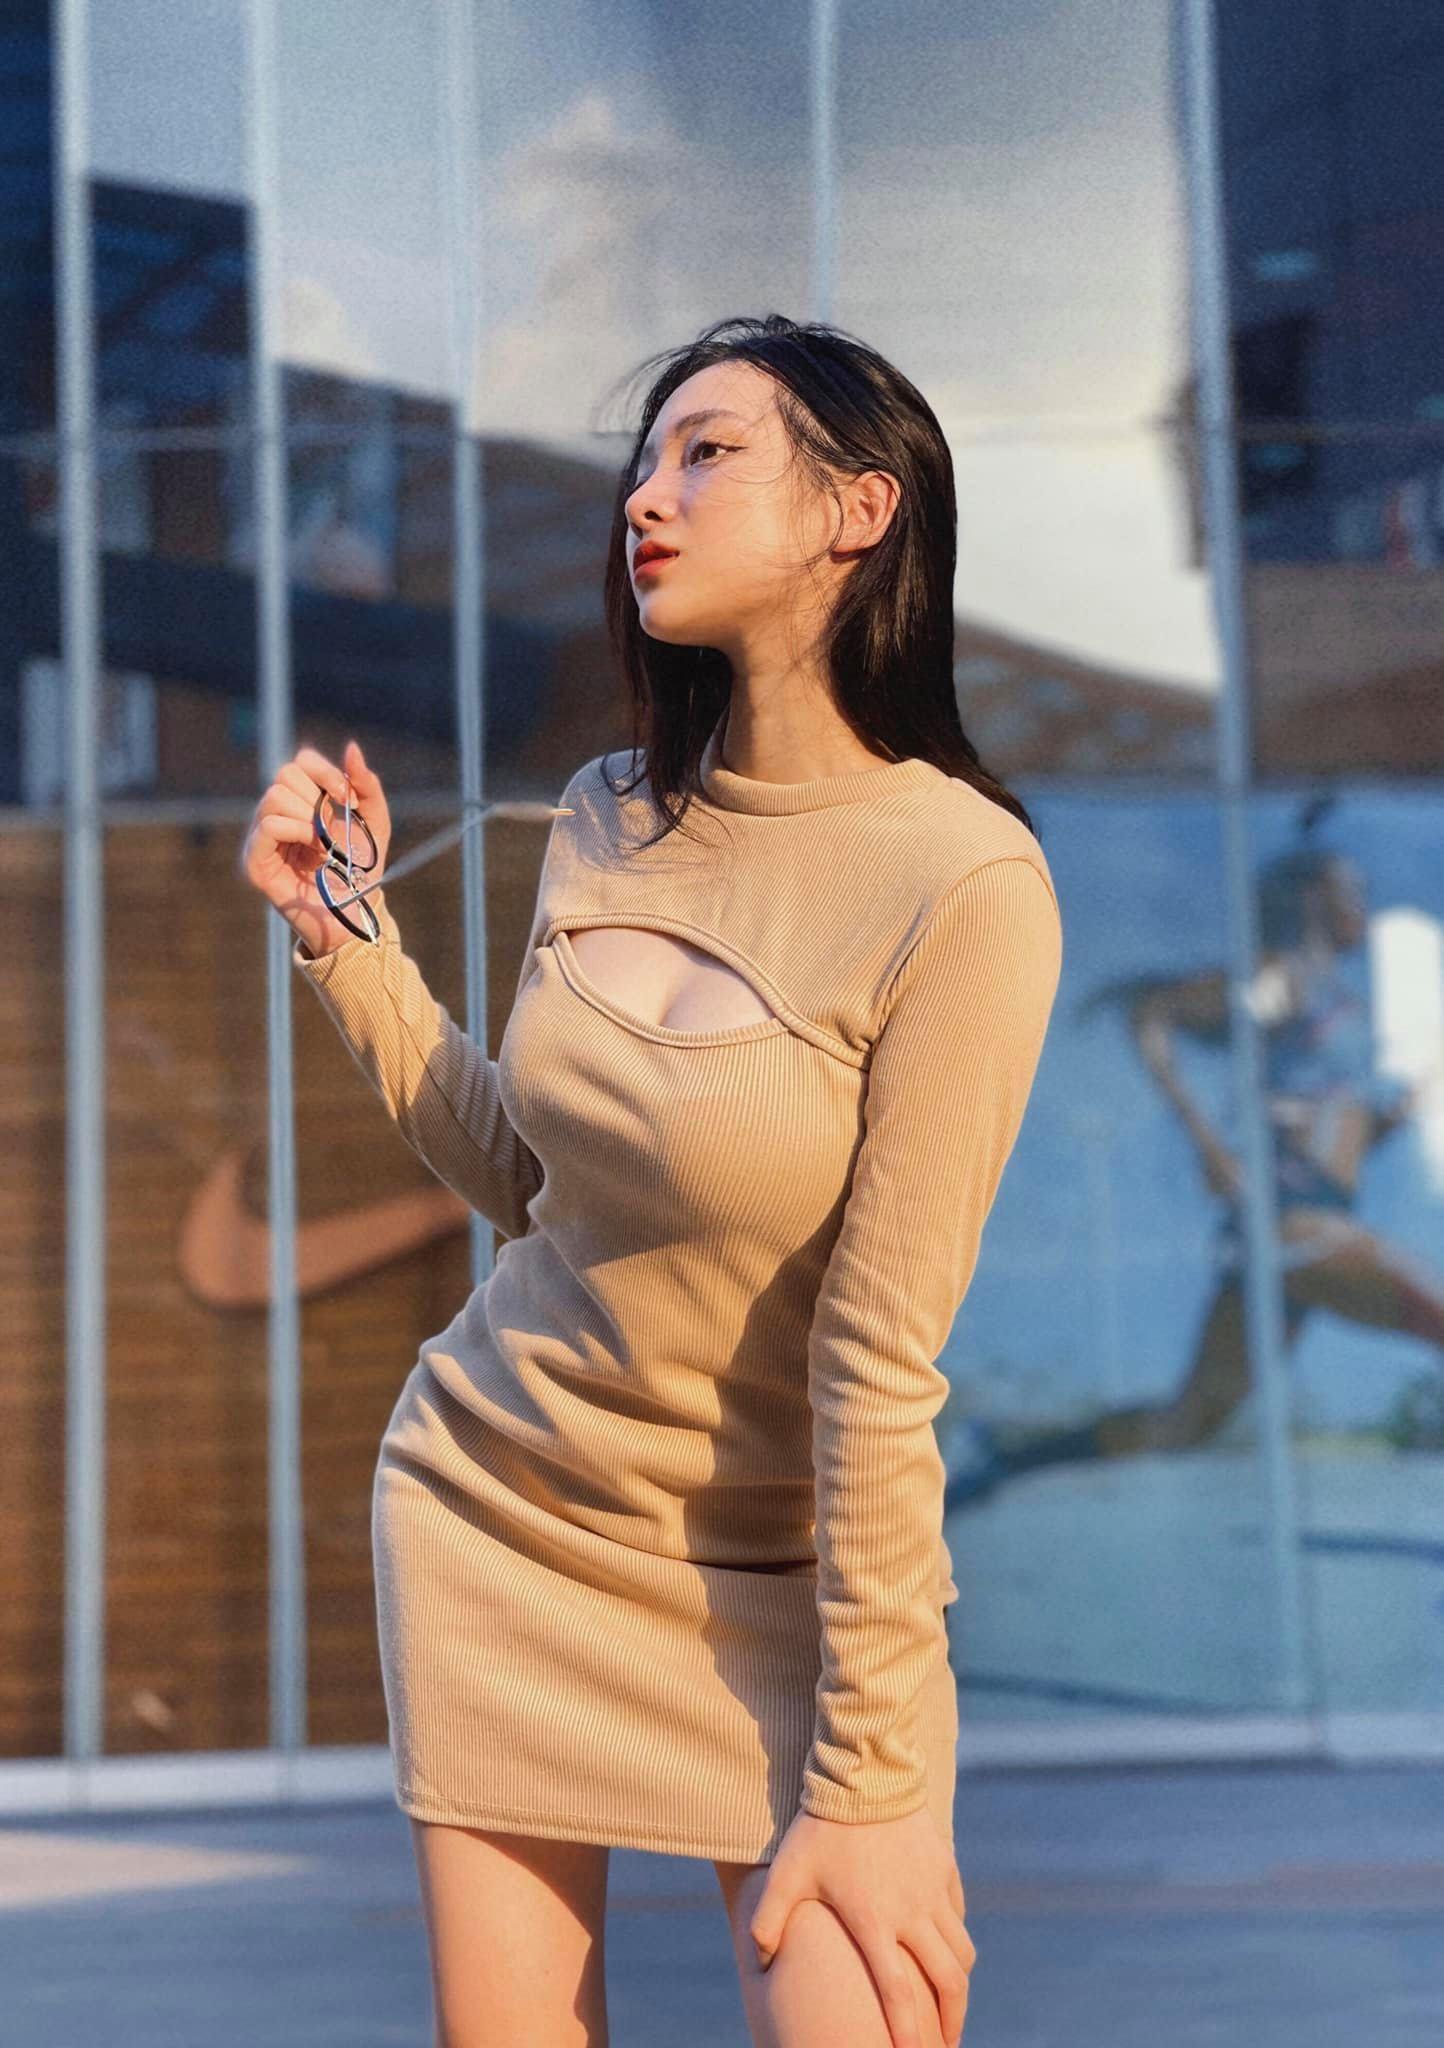 Nữ streamer thường chụp ảnh với gương mặt lạnh lùng.